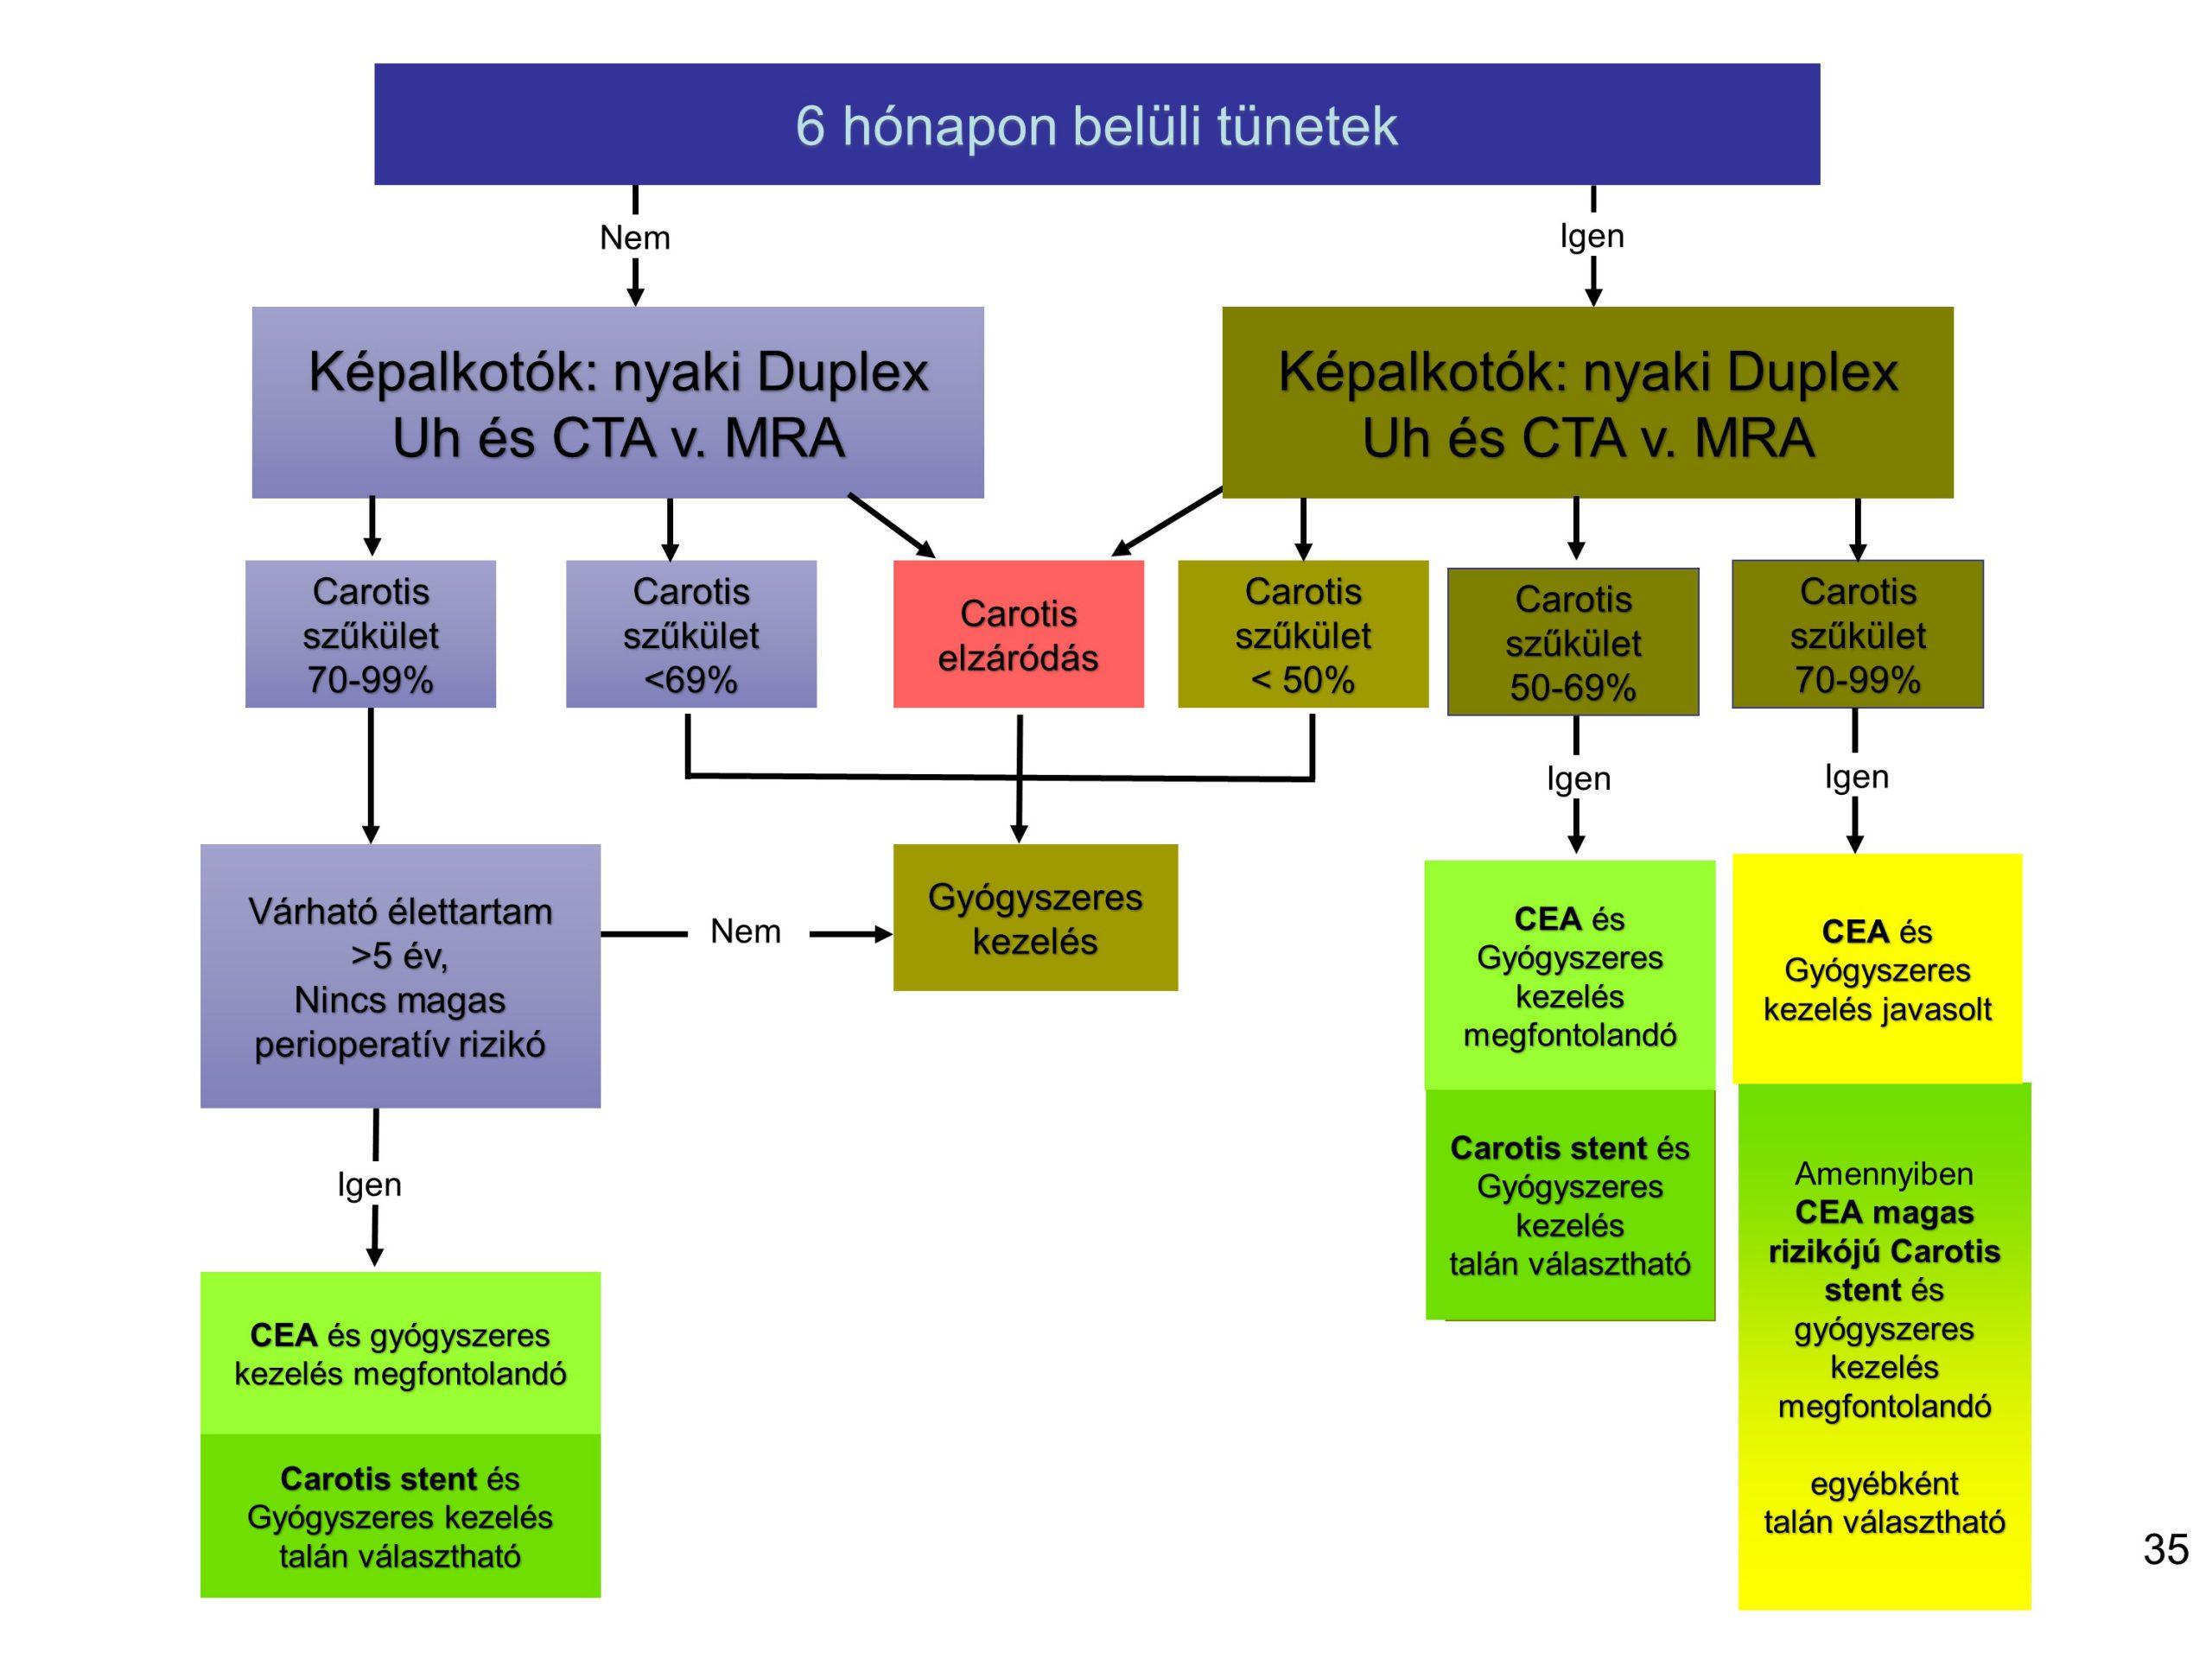 az erek hipotenziója és magas vérnyomása magnézium és b6-vitamin magas vérnyomás